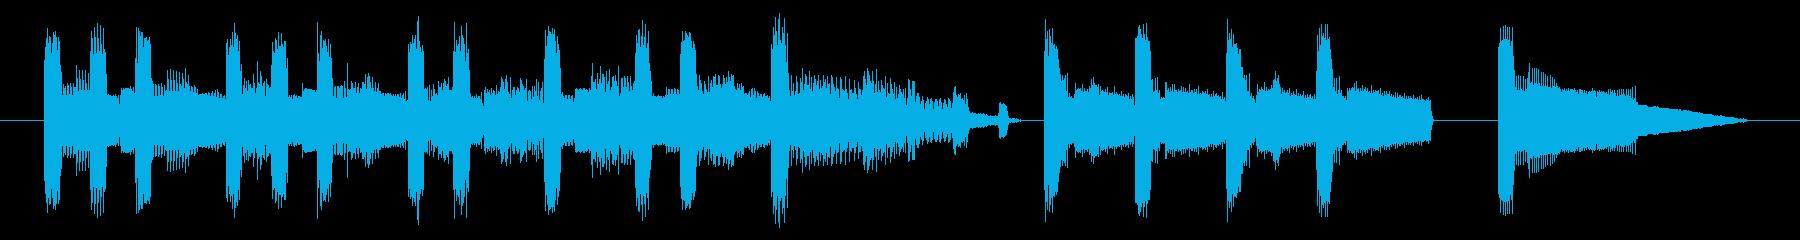 GB風パズル・カードゲームのジングルの再生済みの波形